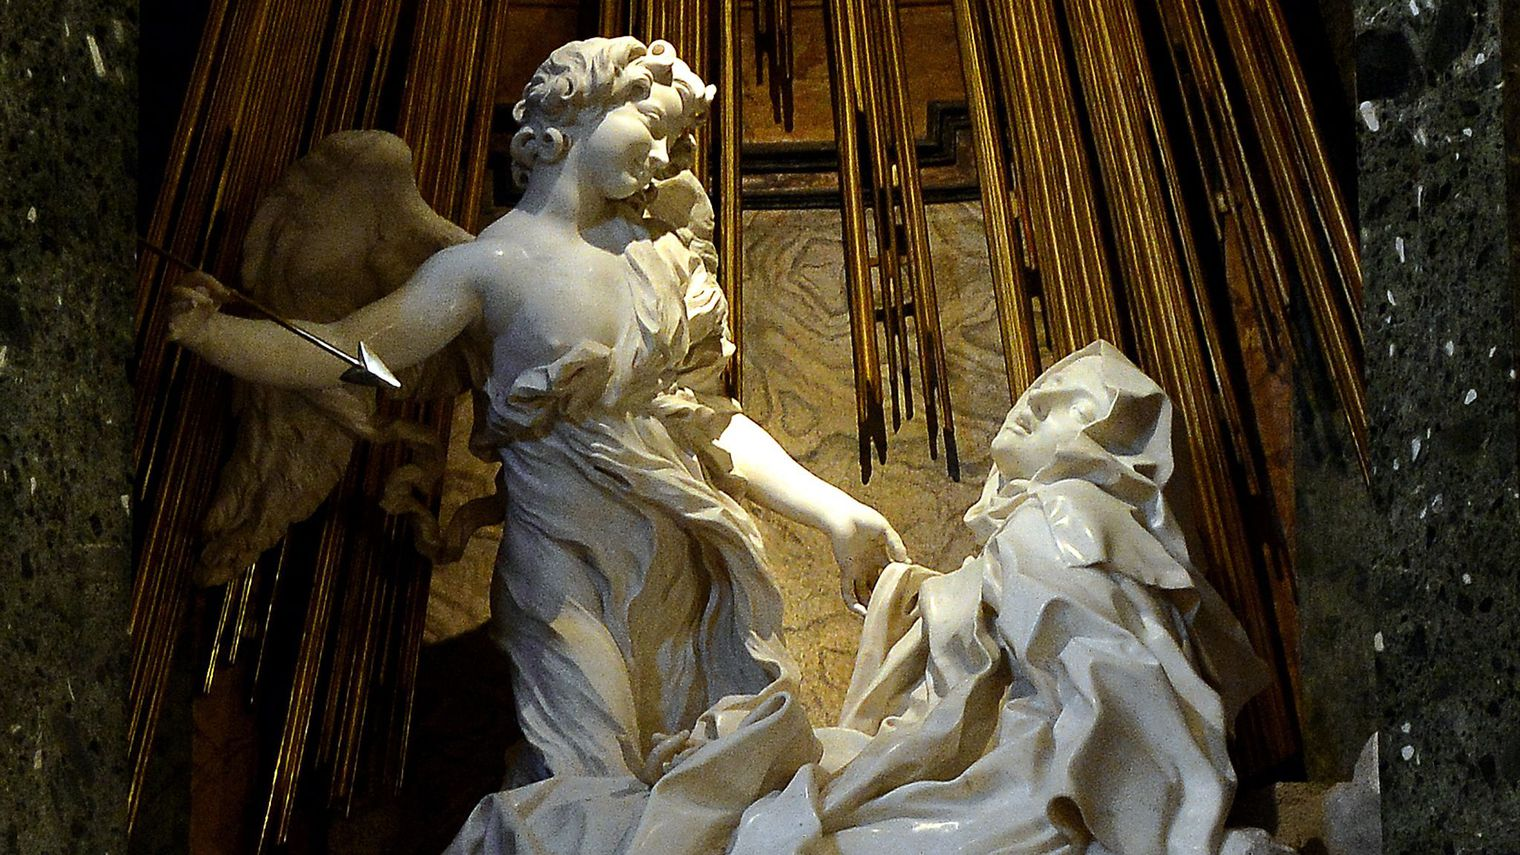 1Bernin, L'Extase de sainte Thérèse, 1647-1652, Rome, église Sante-Maria-della-Vittoria © Wikimedia